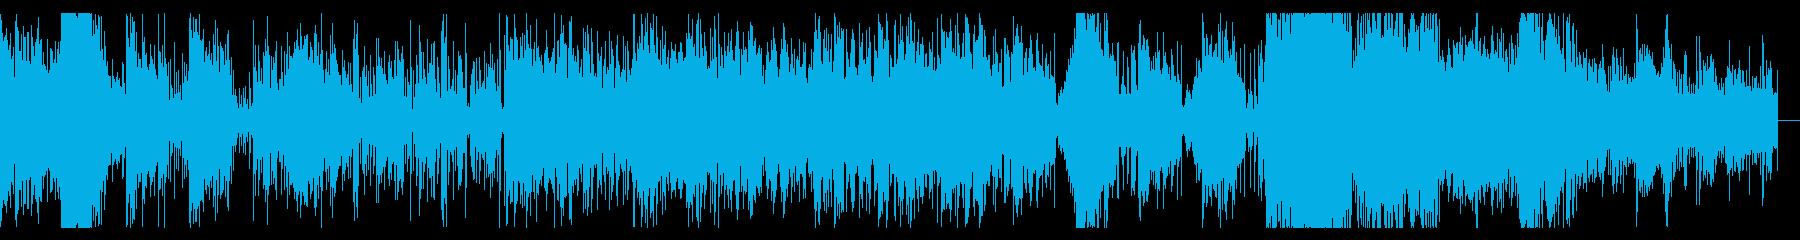 メタリックでダークなIDMの再生済みの波形